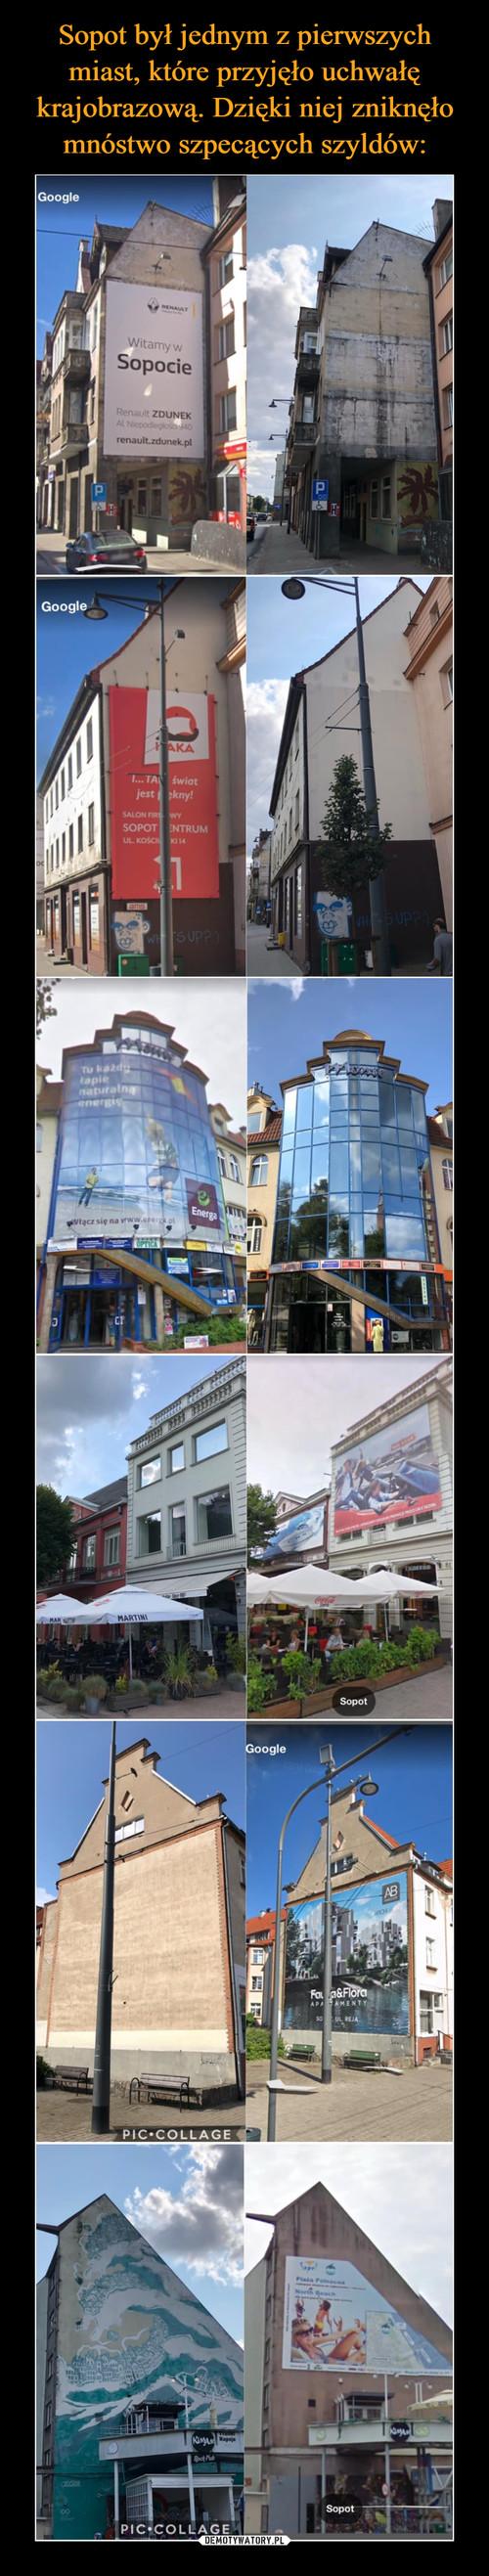 Sopot był jednym z pierwszych miast, które przyjęło uchwałę krajobrazową. Dzięki niej zniknęło mnóstwo szpecących szyldów: